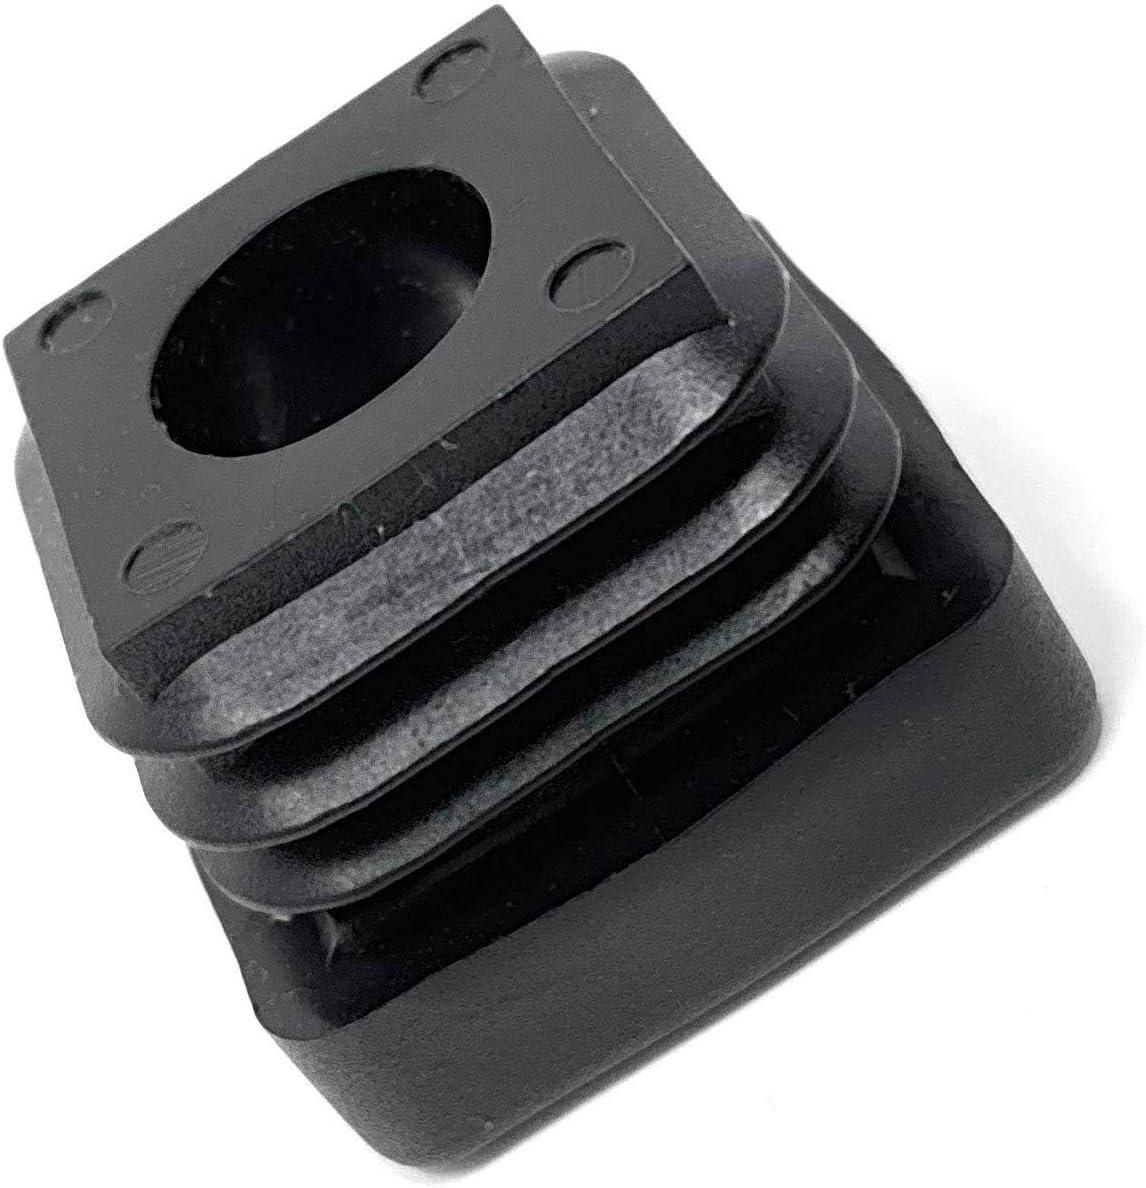 Design61 Gewindestopfen Vierkantrohrstopfen 30x30 mm 2,0 mm mit M10 Innengewinde